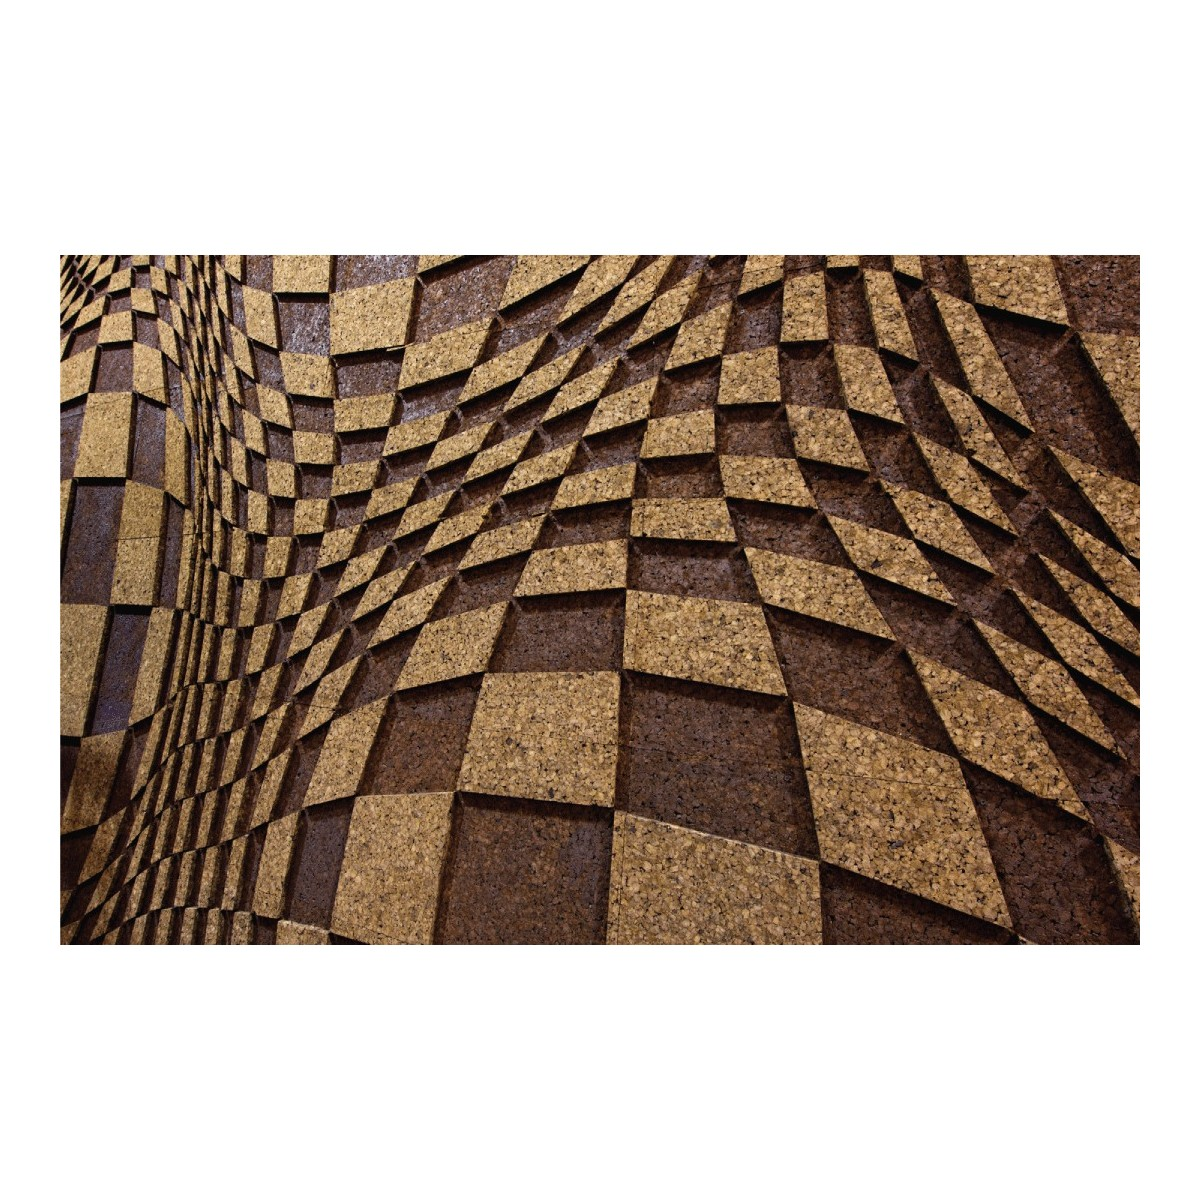 Pannelli di sughero 3d fonoassorbente decorativo isolante for Pannelli sughero brico